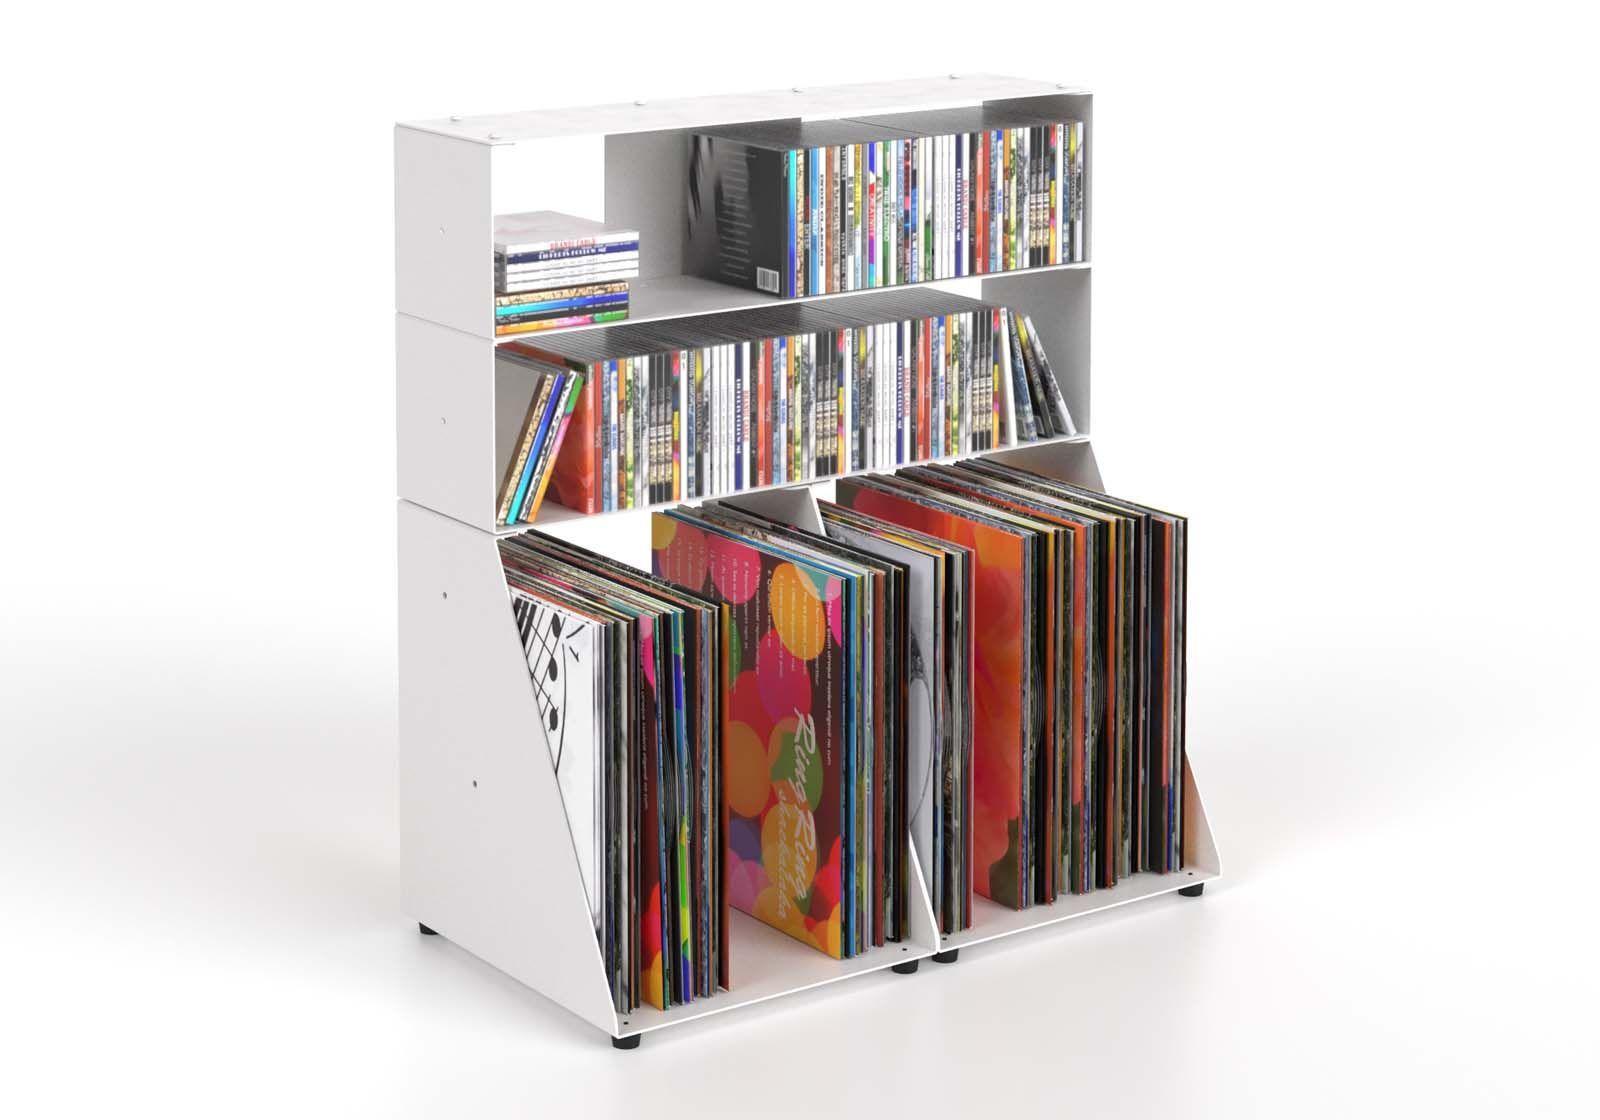 Estanteria CD y Vinilo 60 cm - metal blanco - 3 niveles